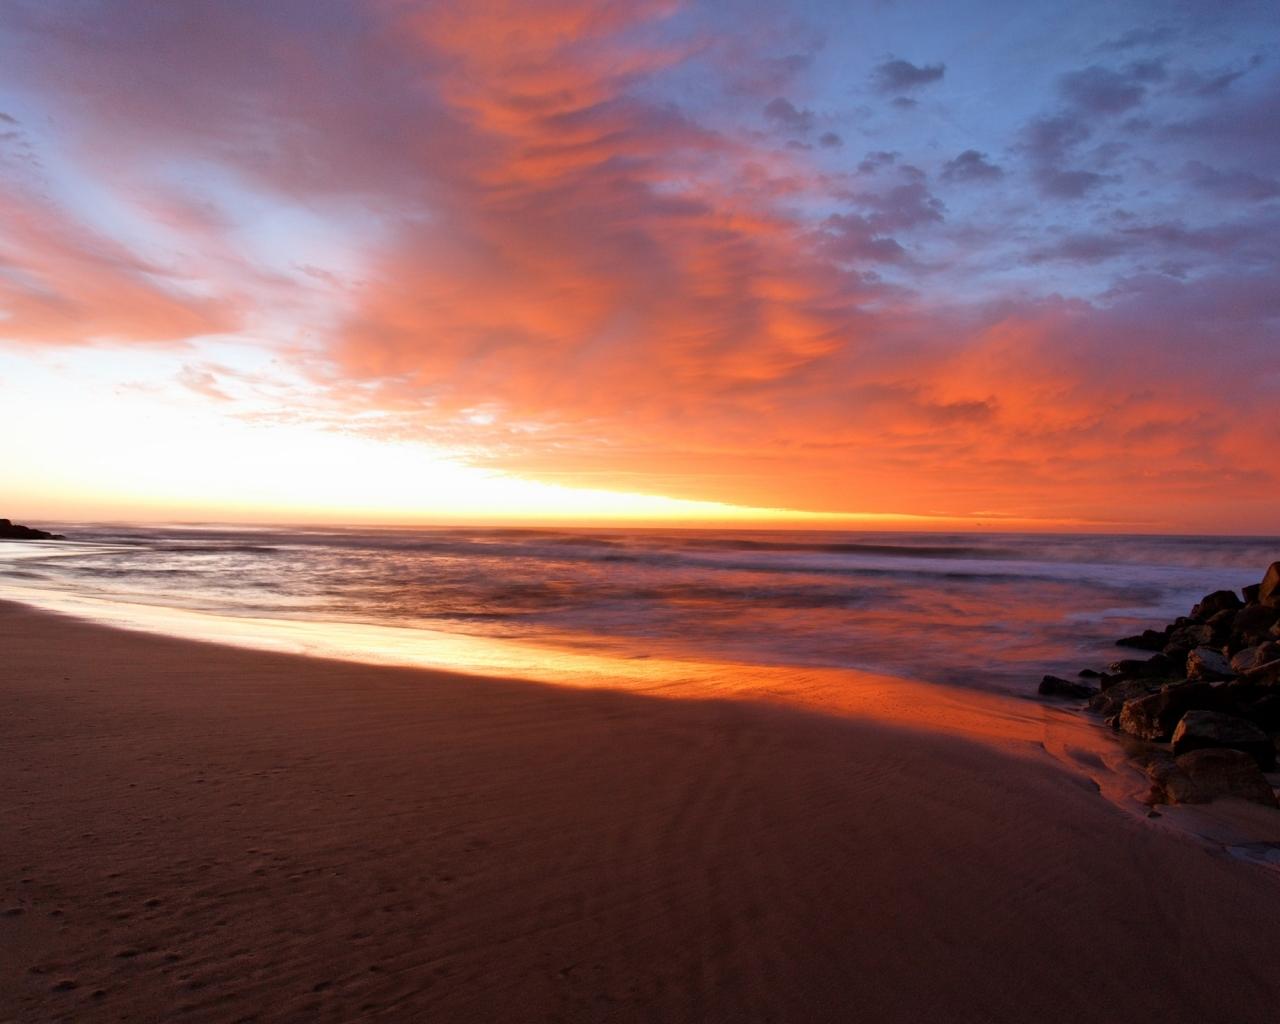 Amanecer en la playa - 1280x1024